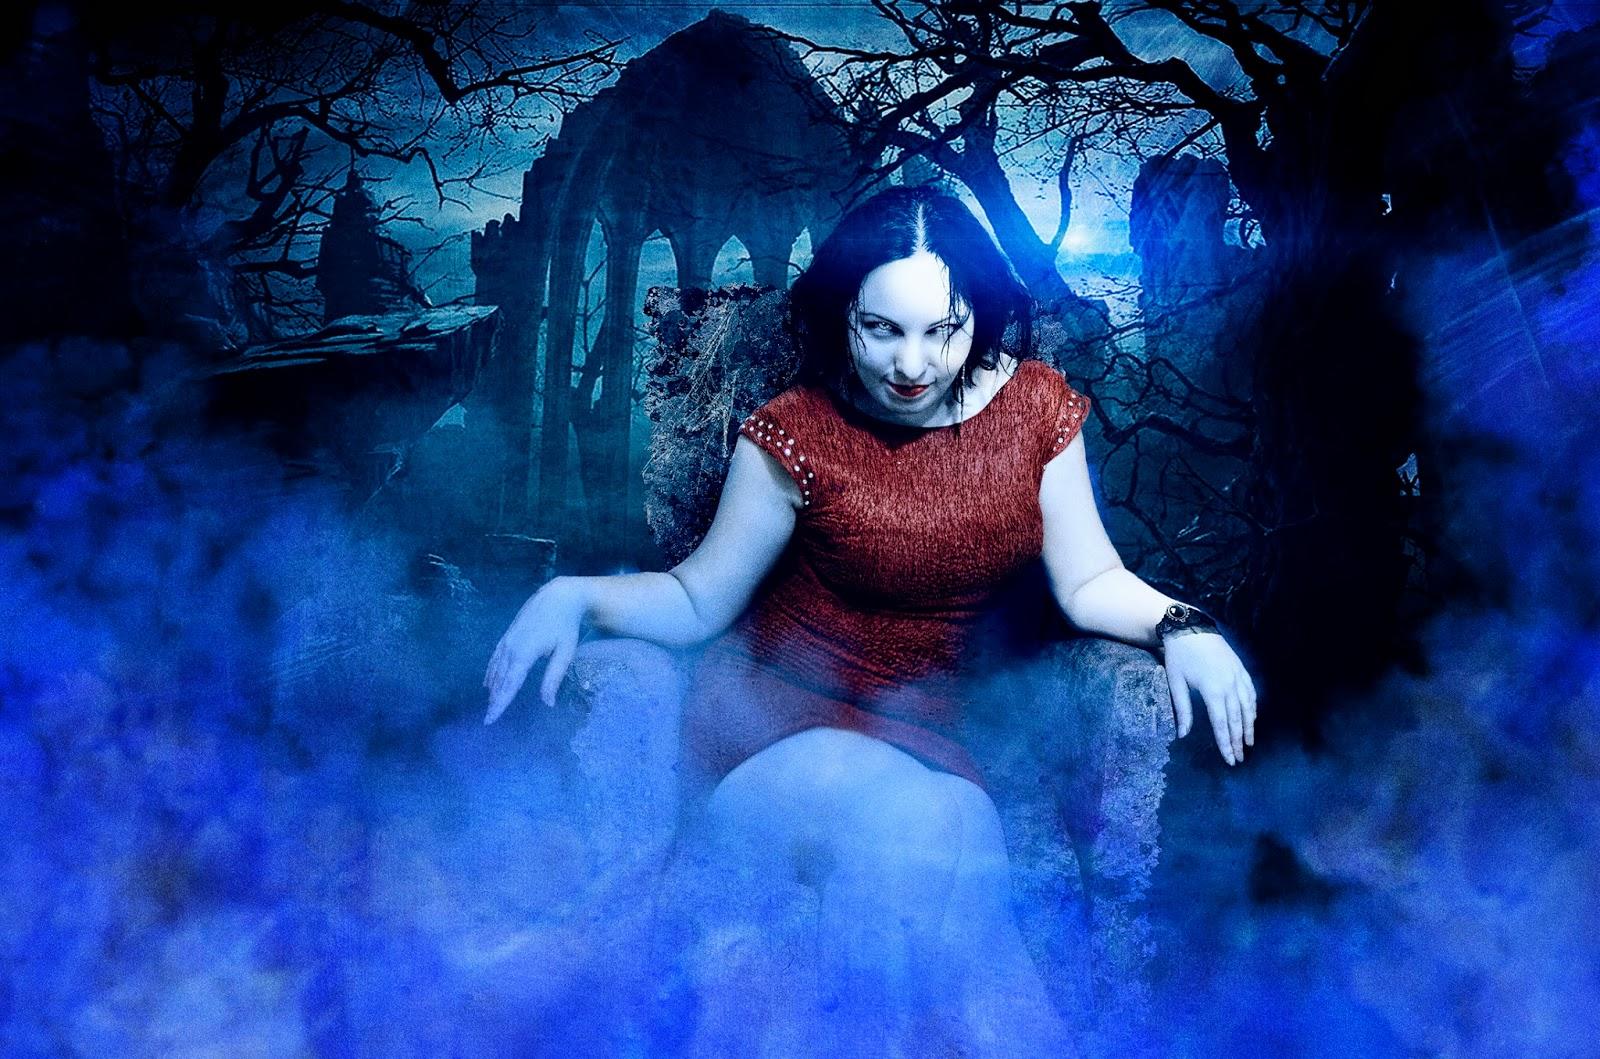 gothic art, gothic, gothic girl, dark gothic